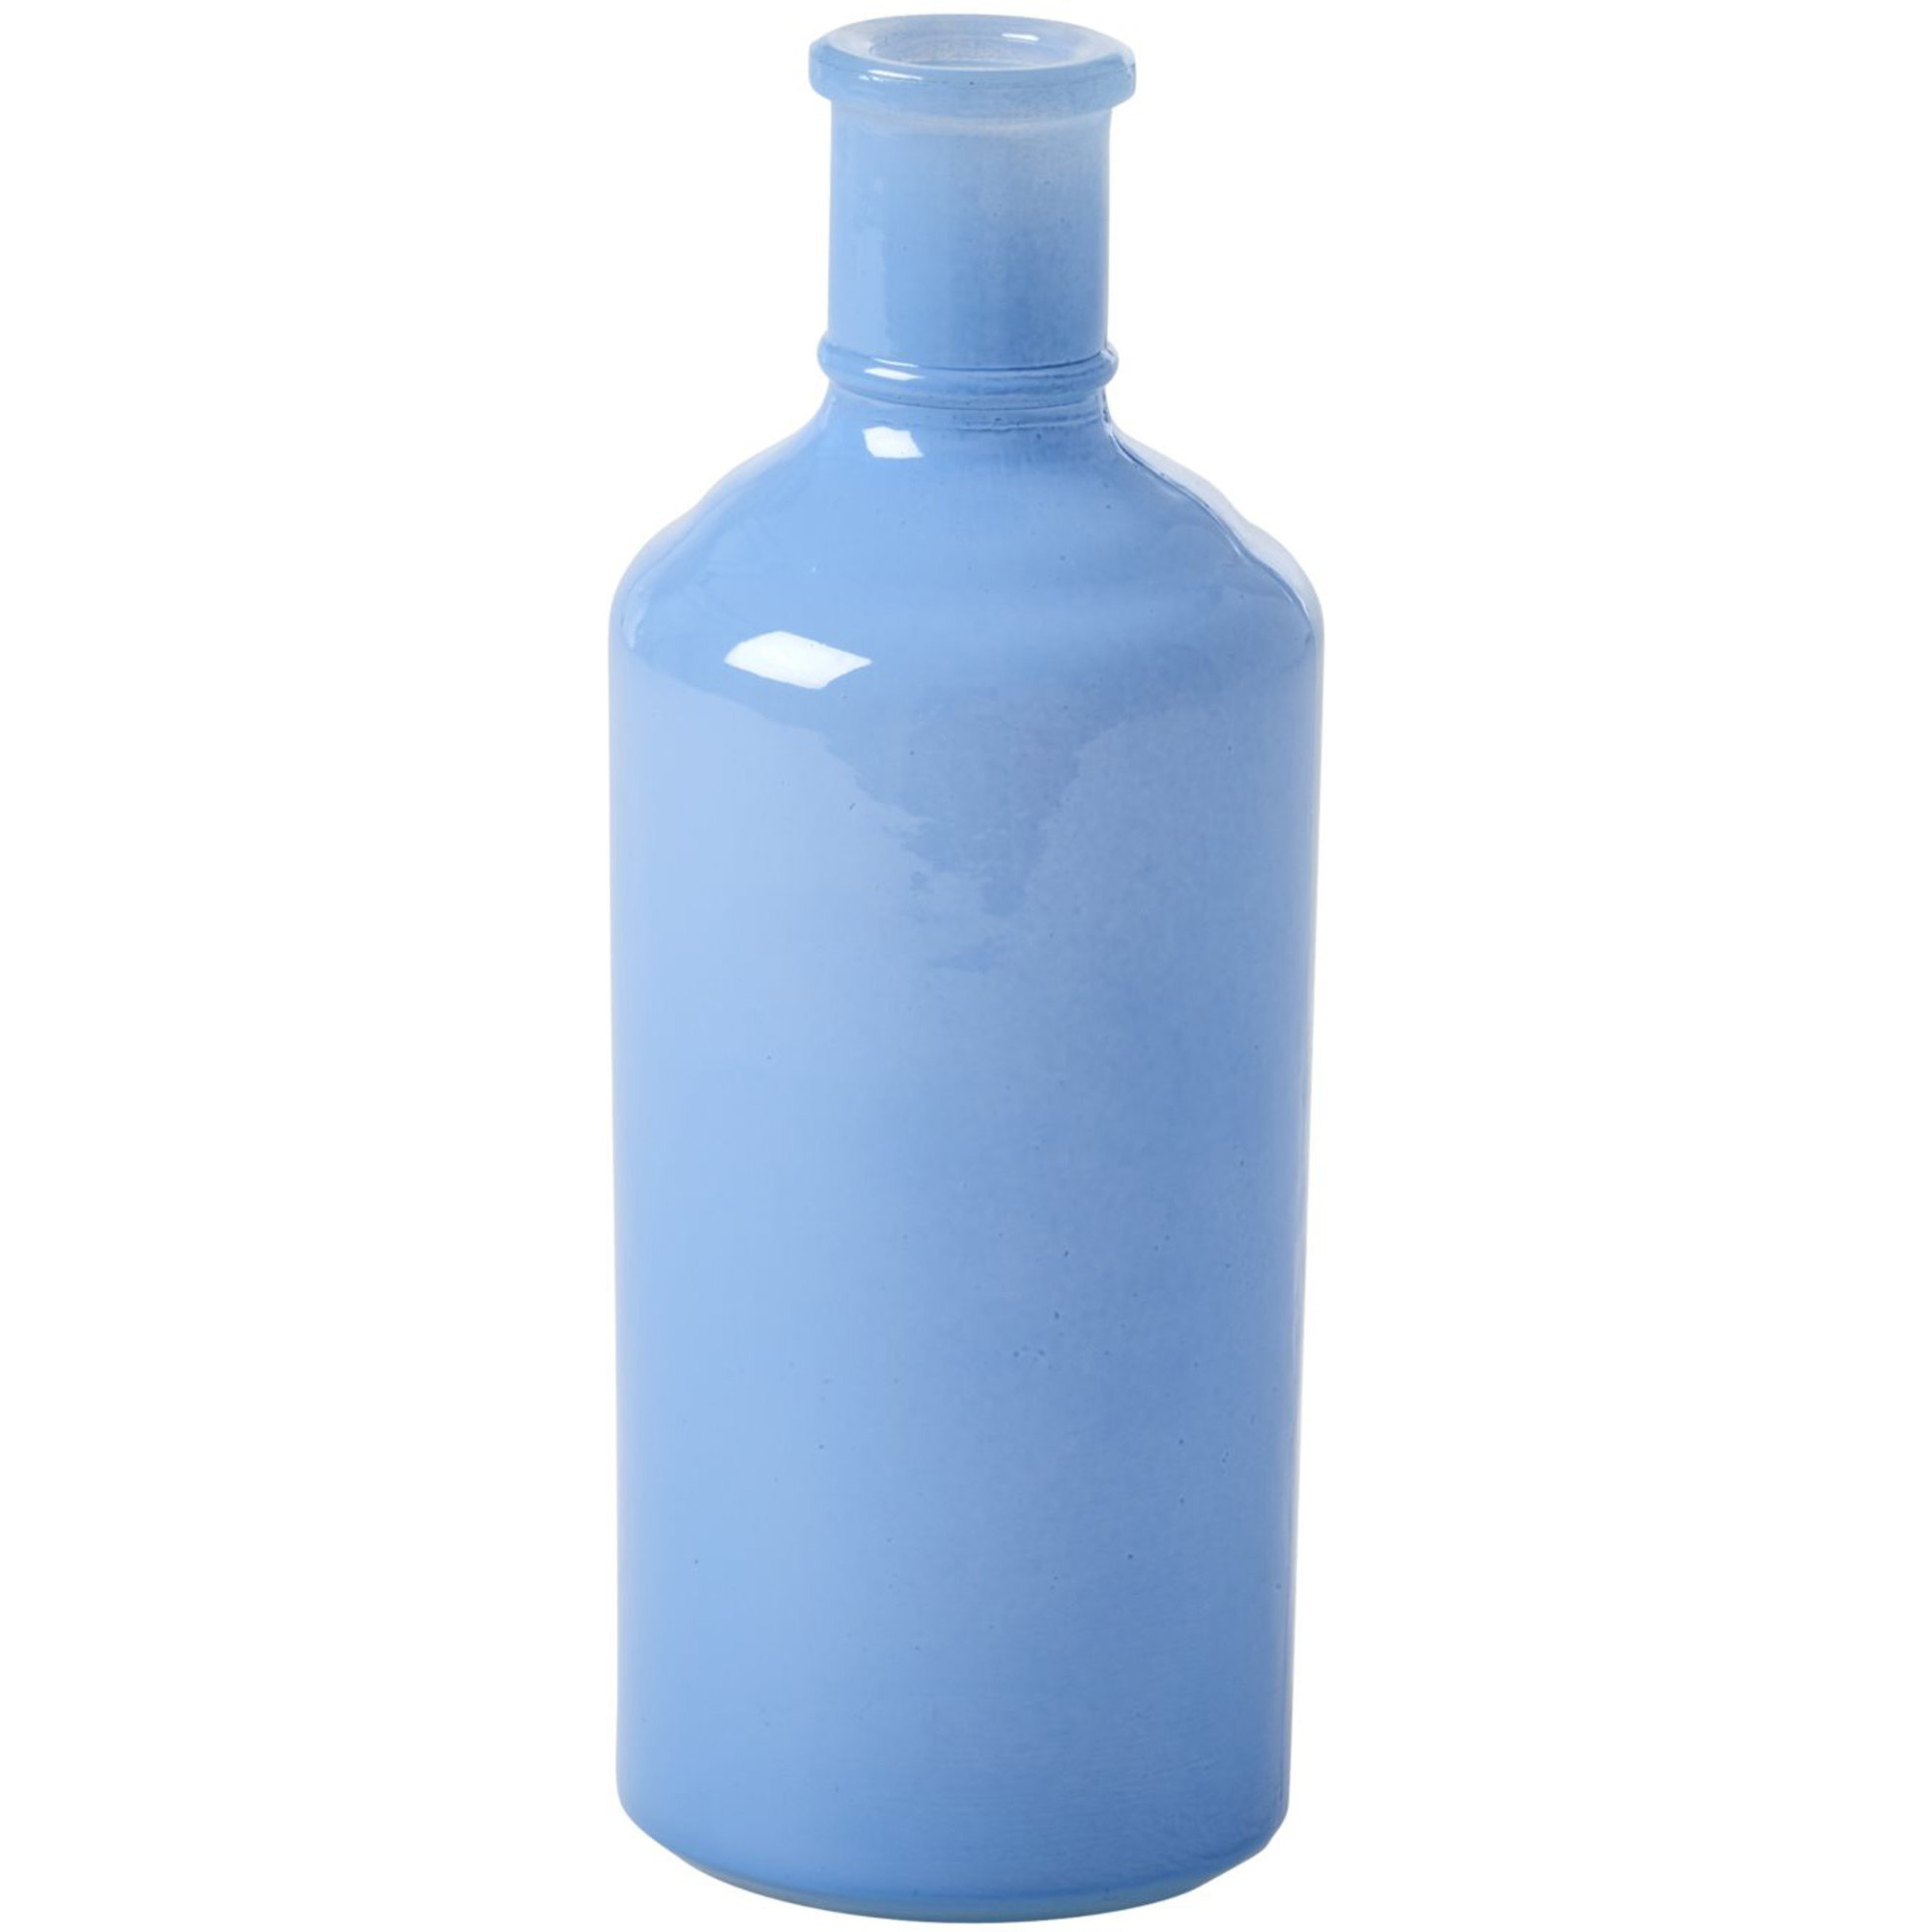 Rice Stor Glasvas Flaskformad Dusty Blue